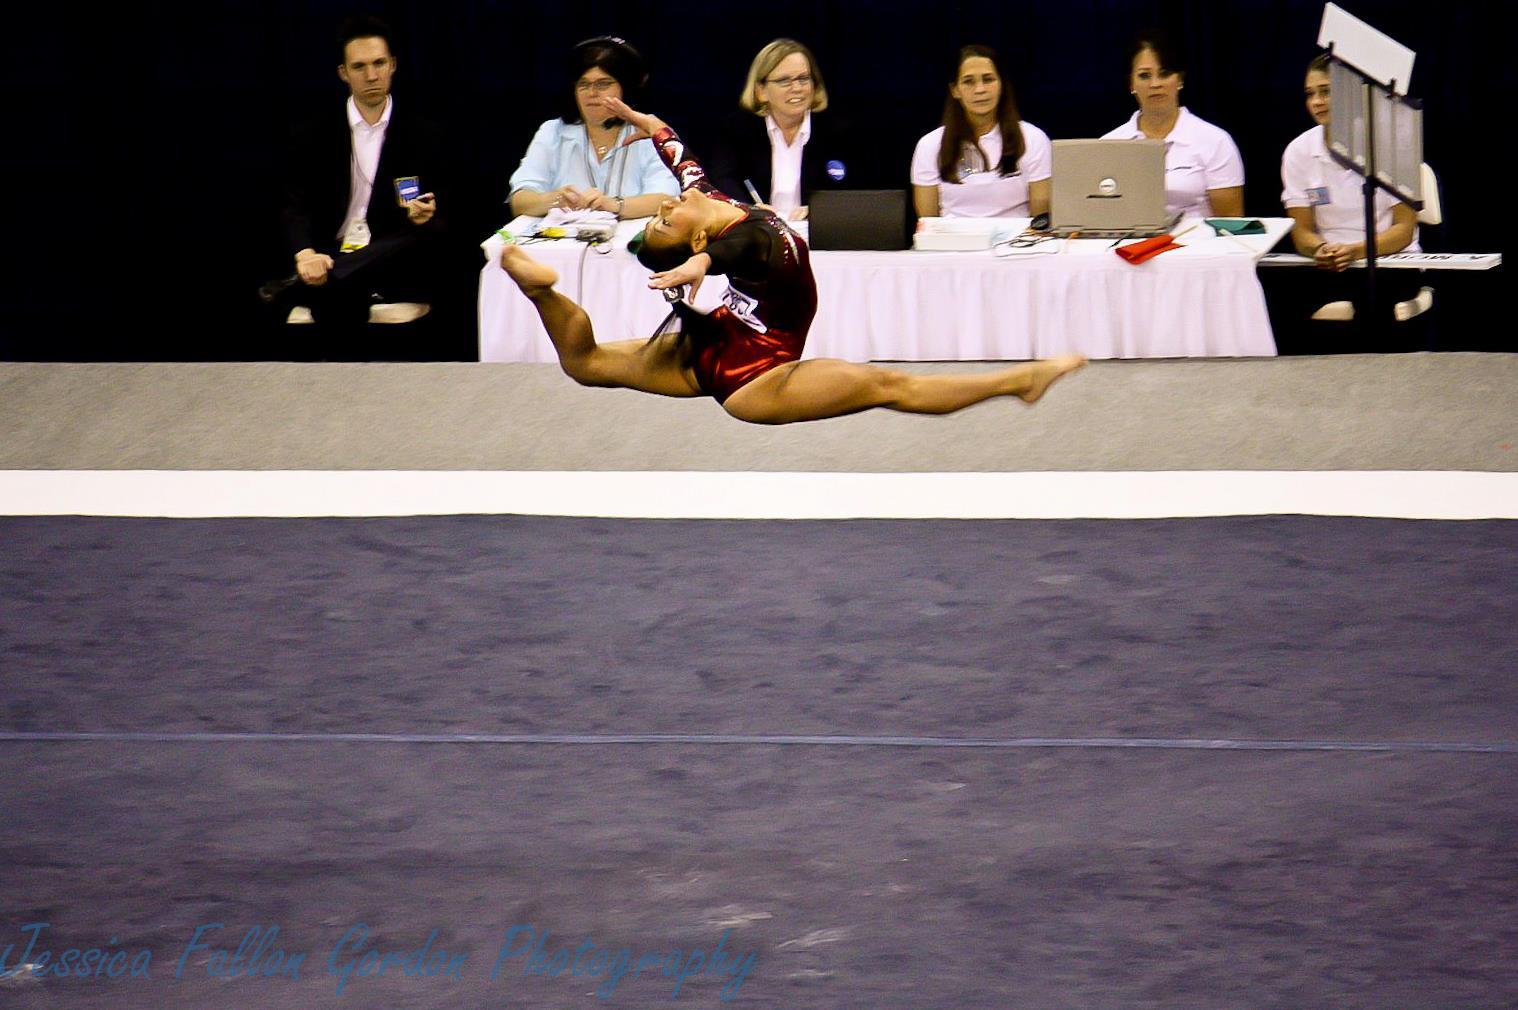 NCAA Gymnastics Championships 2010